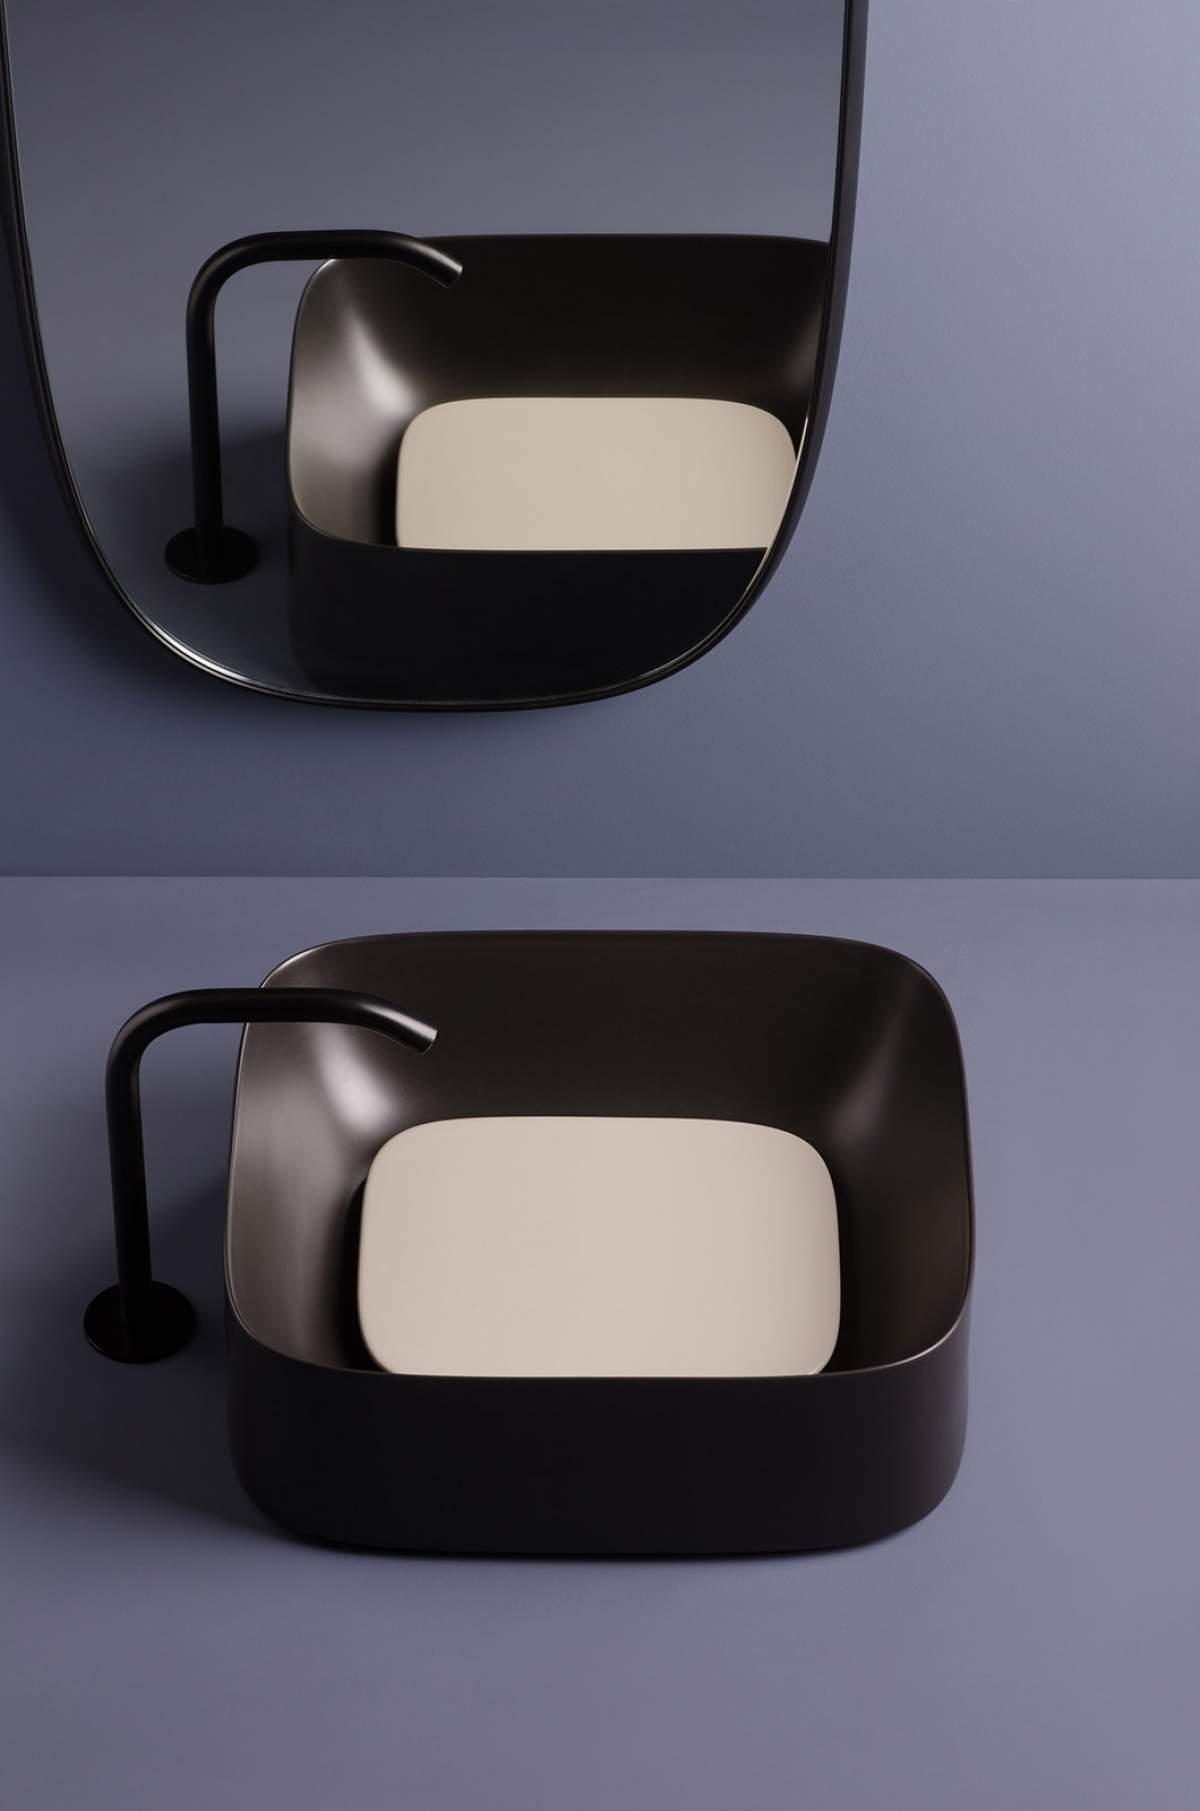 <strong>Acquerello</strong>, design Prospero Rasulo